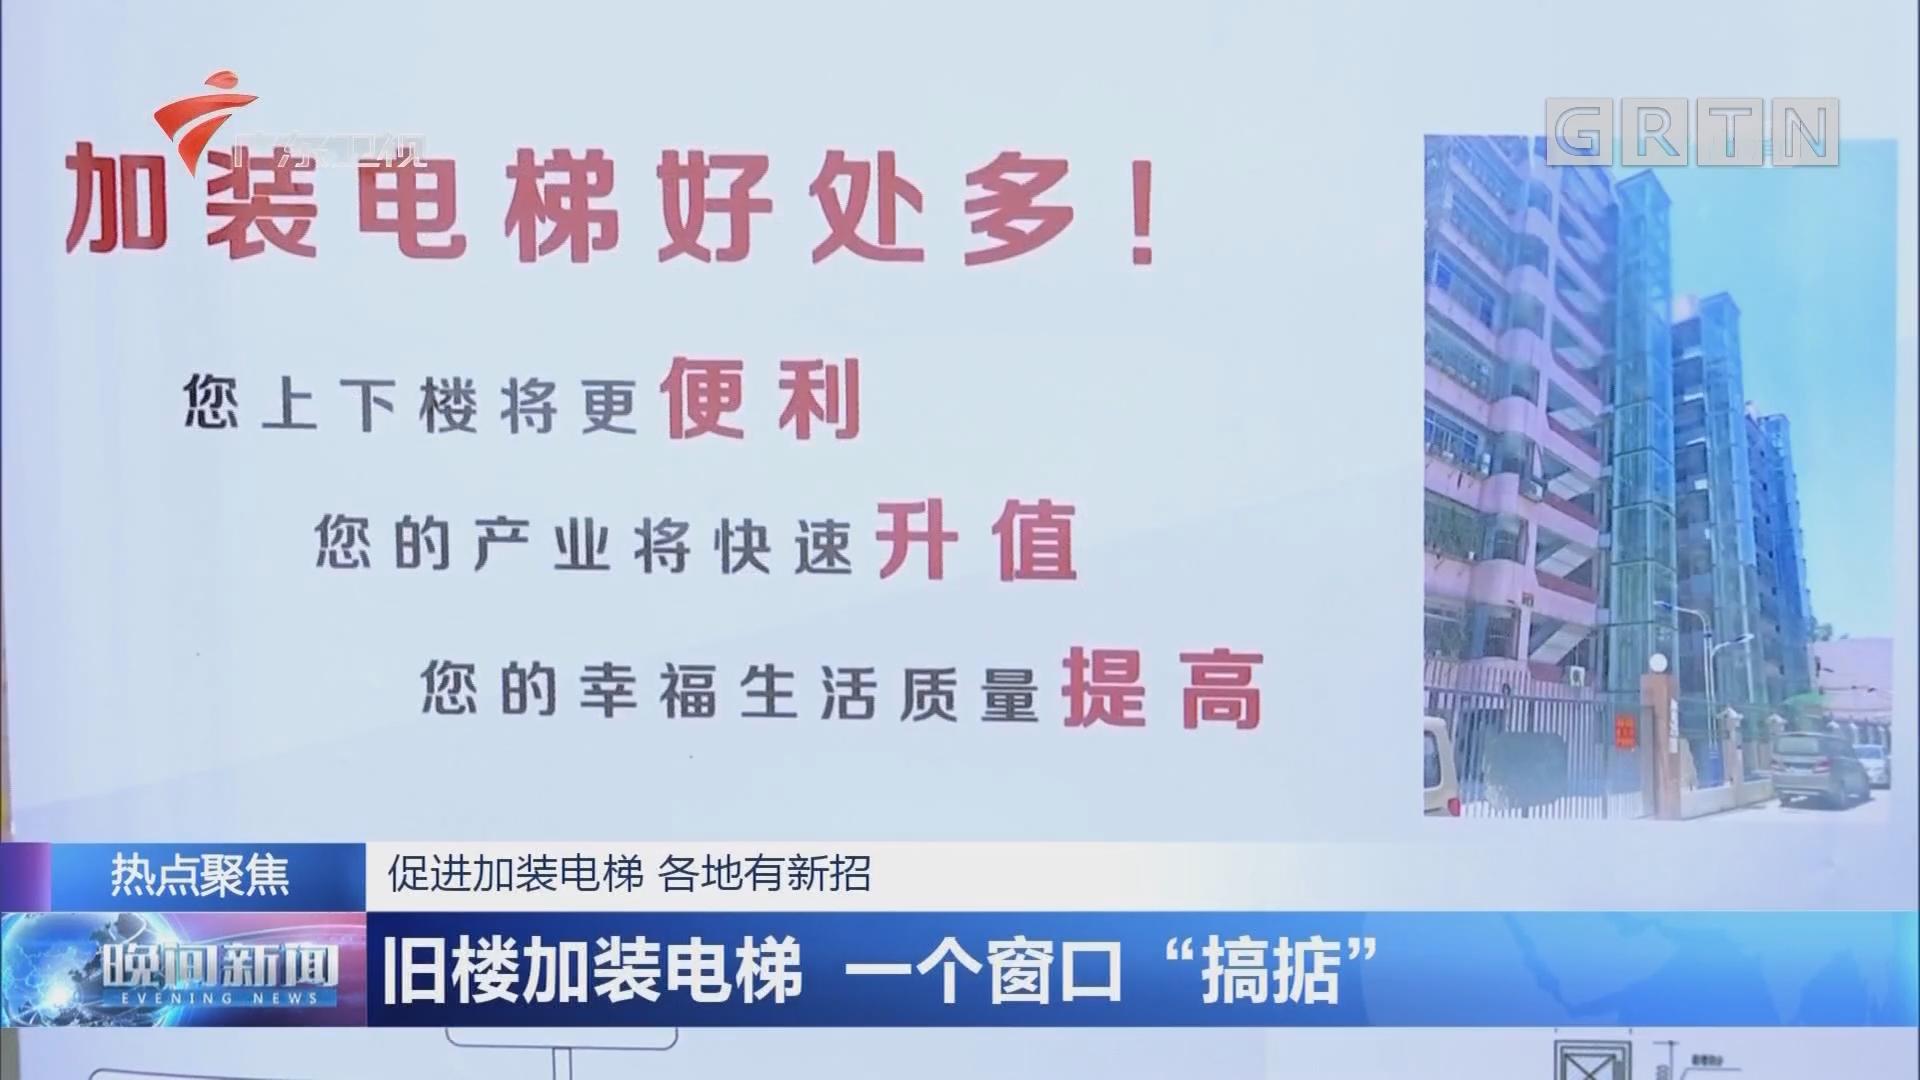 """促进加装电梯 各地有新招:旧楼加装电梯 一个窗口""""搞掂"""""""